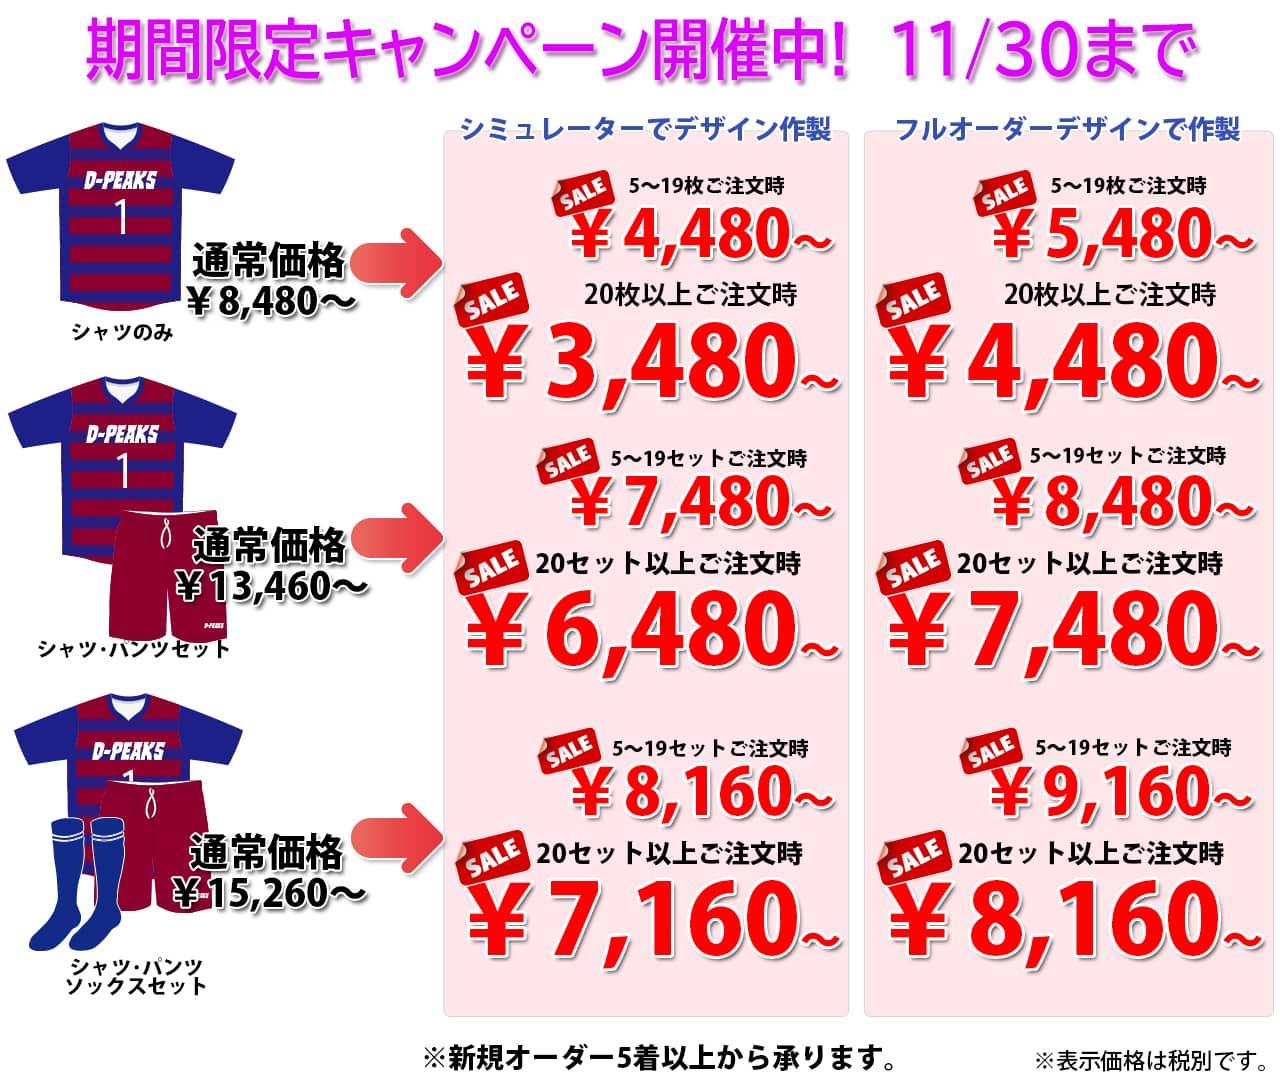 ドッジボールのオリジナルオーダーユニフォームのDodgeball-Peaks(ドッジボールピークス)のオータムキャンペーン価格表。